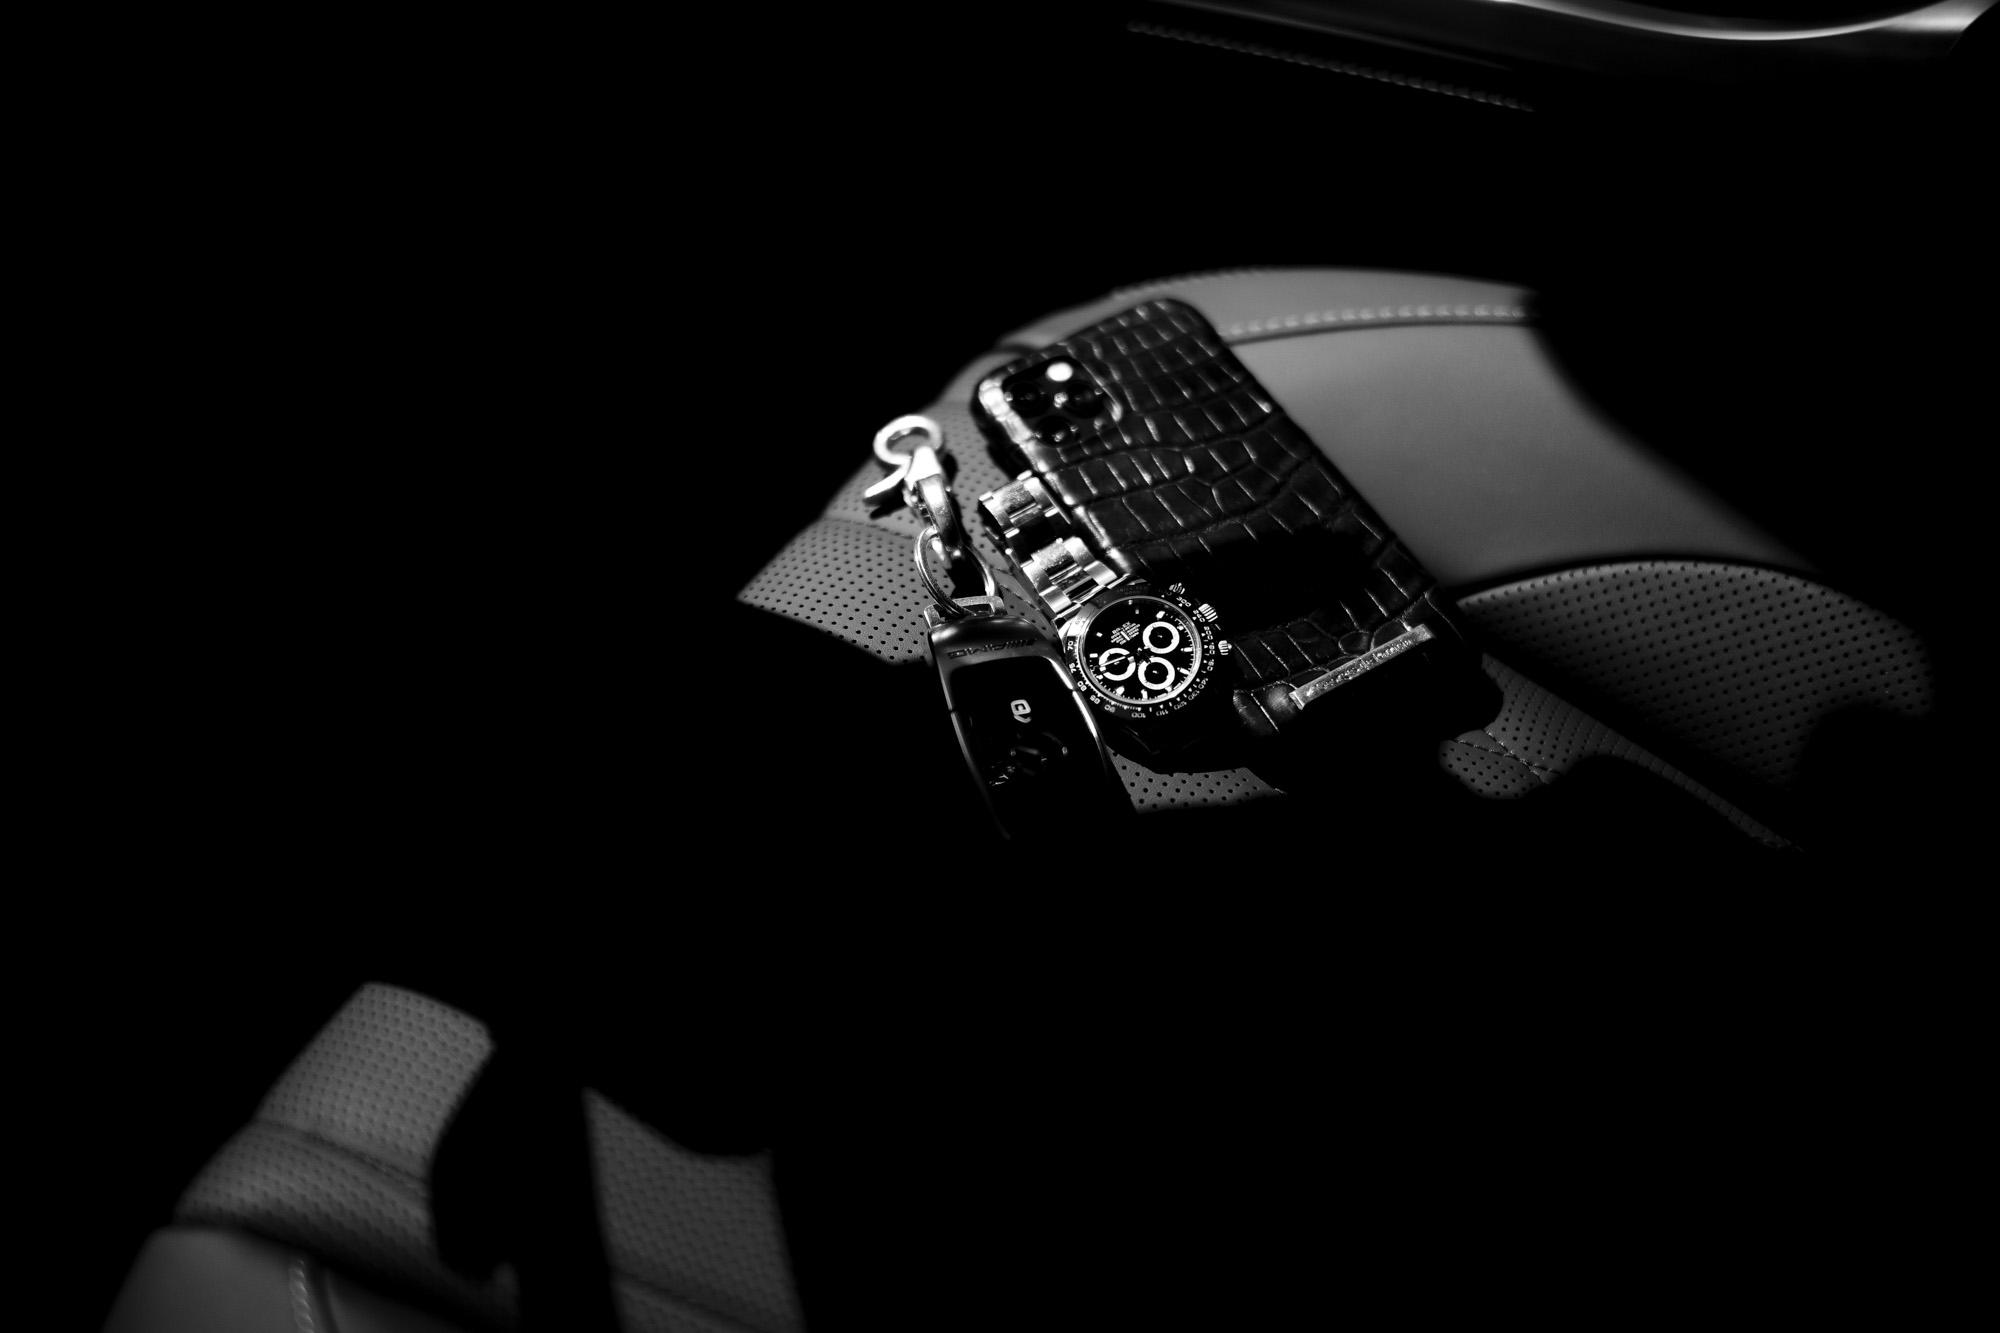 Georges de Patricia(ジョルジュ ド パトリシア) FXX-K Crocodile(エフエックスエックス ケイ クロコダイル) 925 STERLING SILVER (925 スターリングシルバー) iPhone 11 Pro アイフォンケース NOIR (ブラック) 2020 【Special Model】愛知 名古屋 Alto e Diritto アルトエデリット iPhoneケース